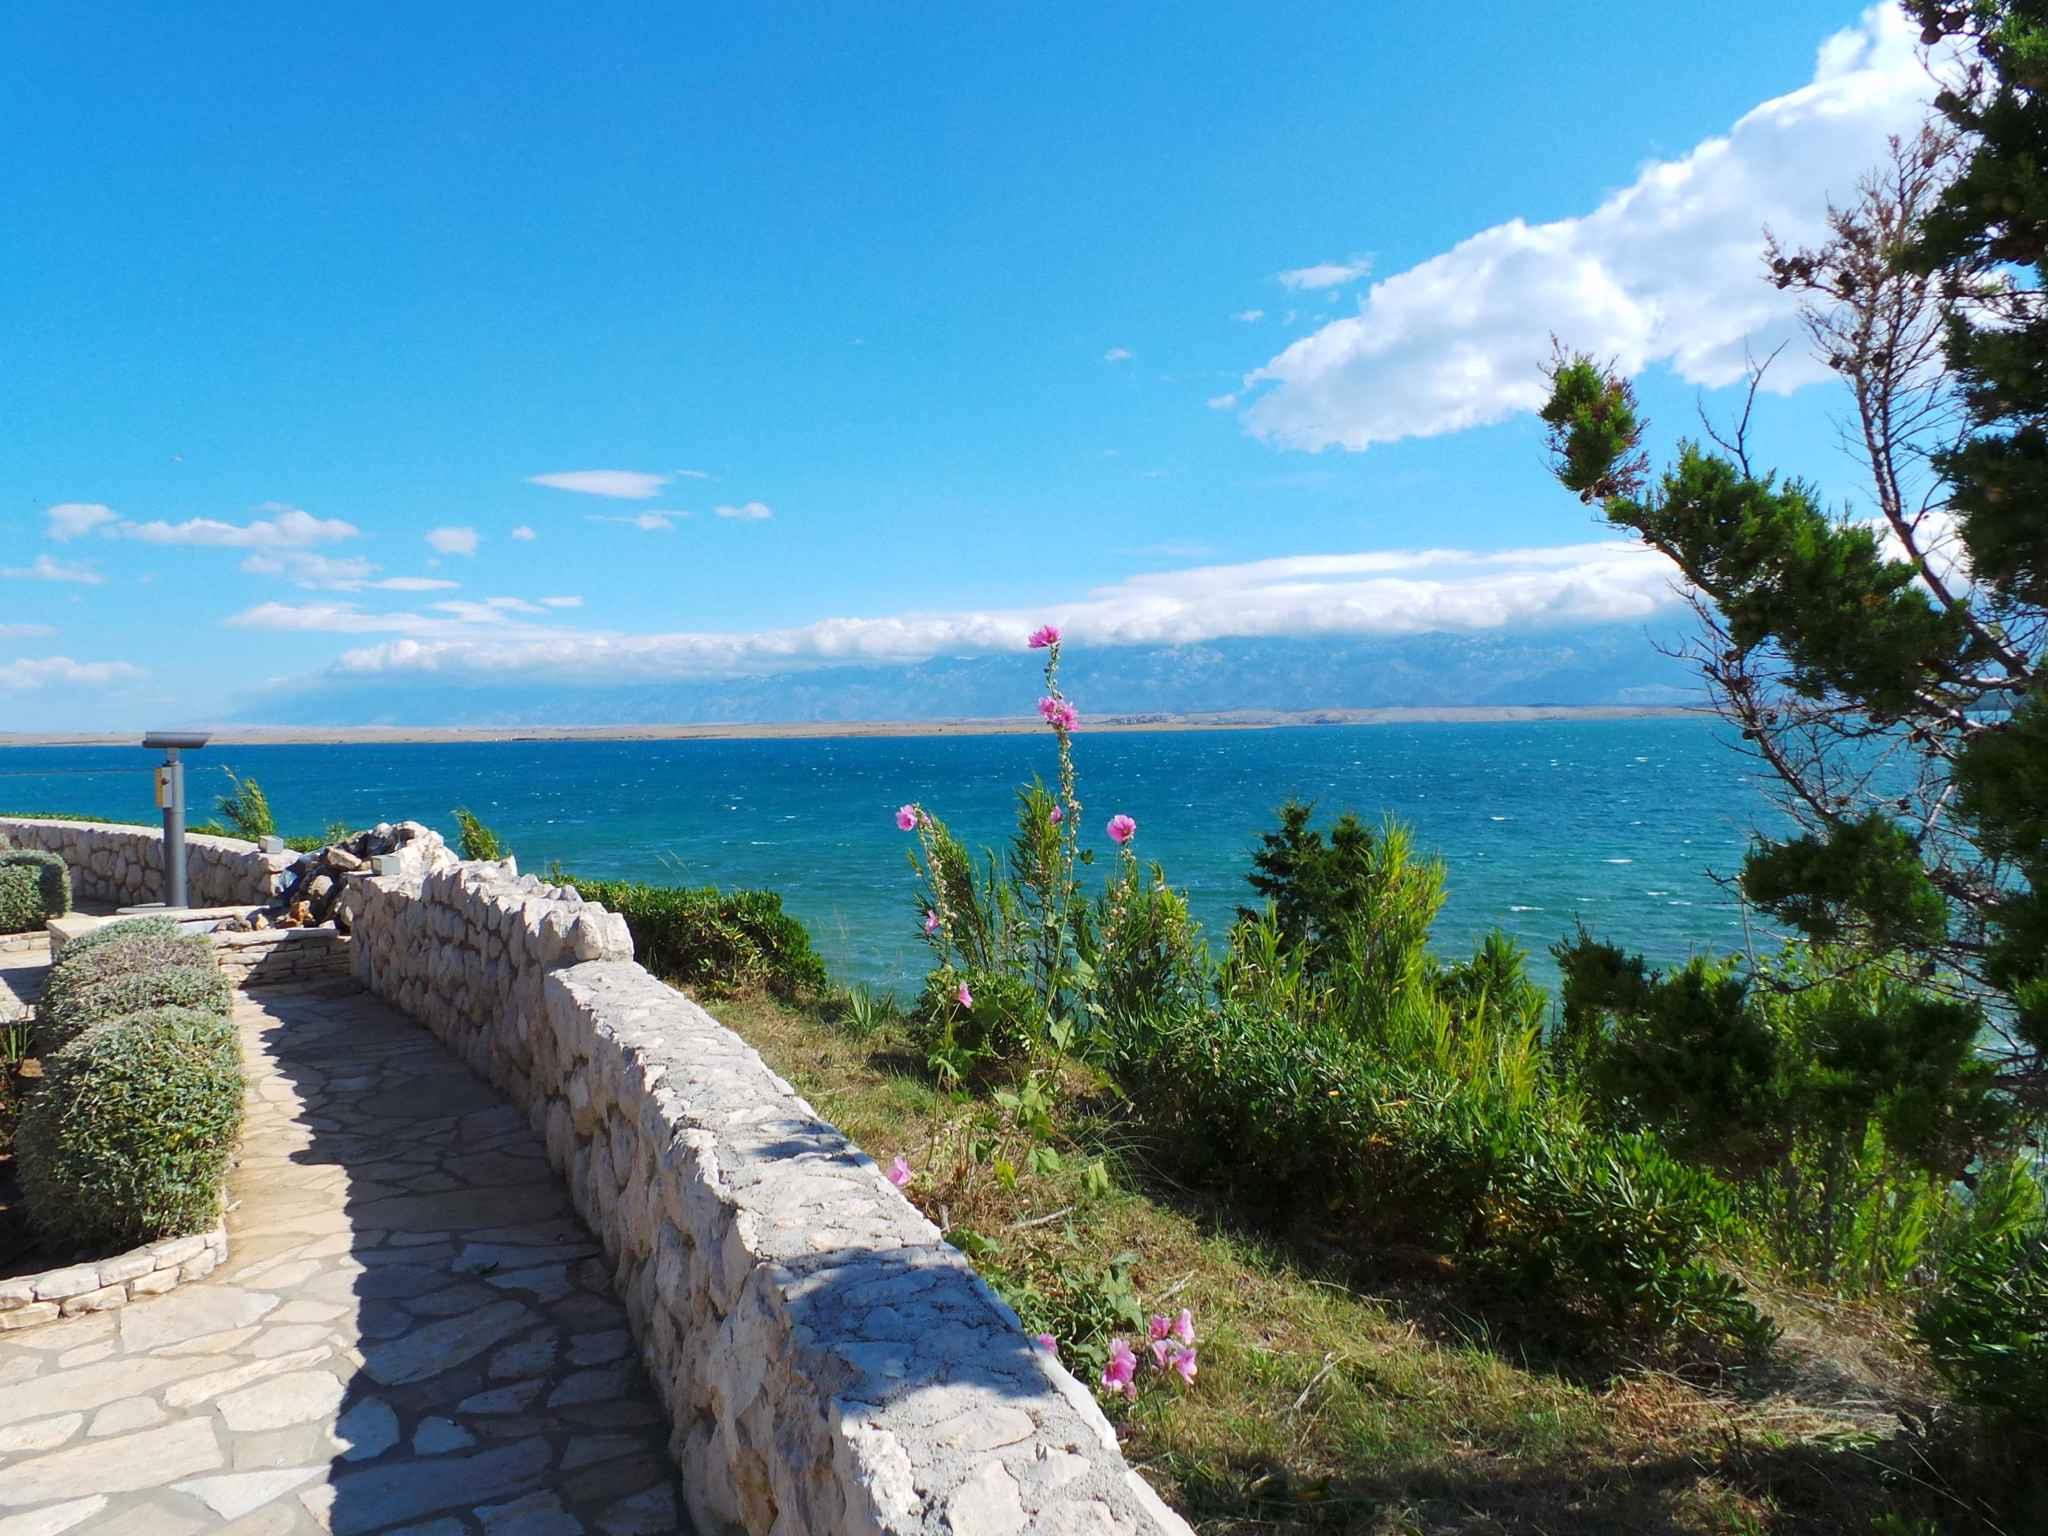 Ferienwohnung 200 m zur Adria (278890), Privlaka, , Dalmatien, Kroatien, Bild 11